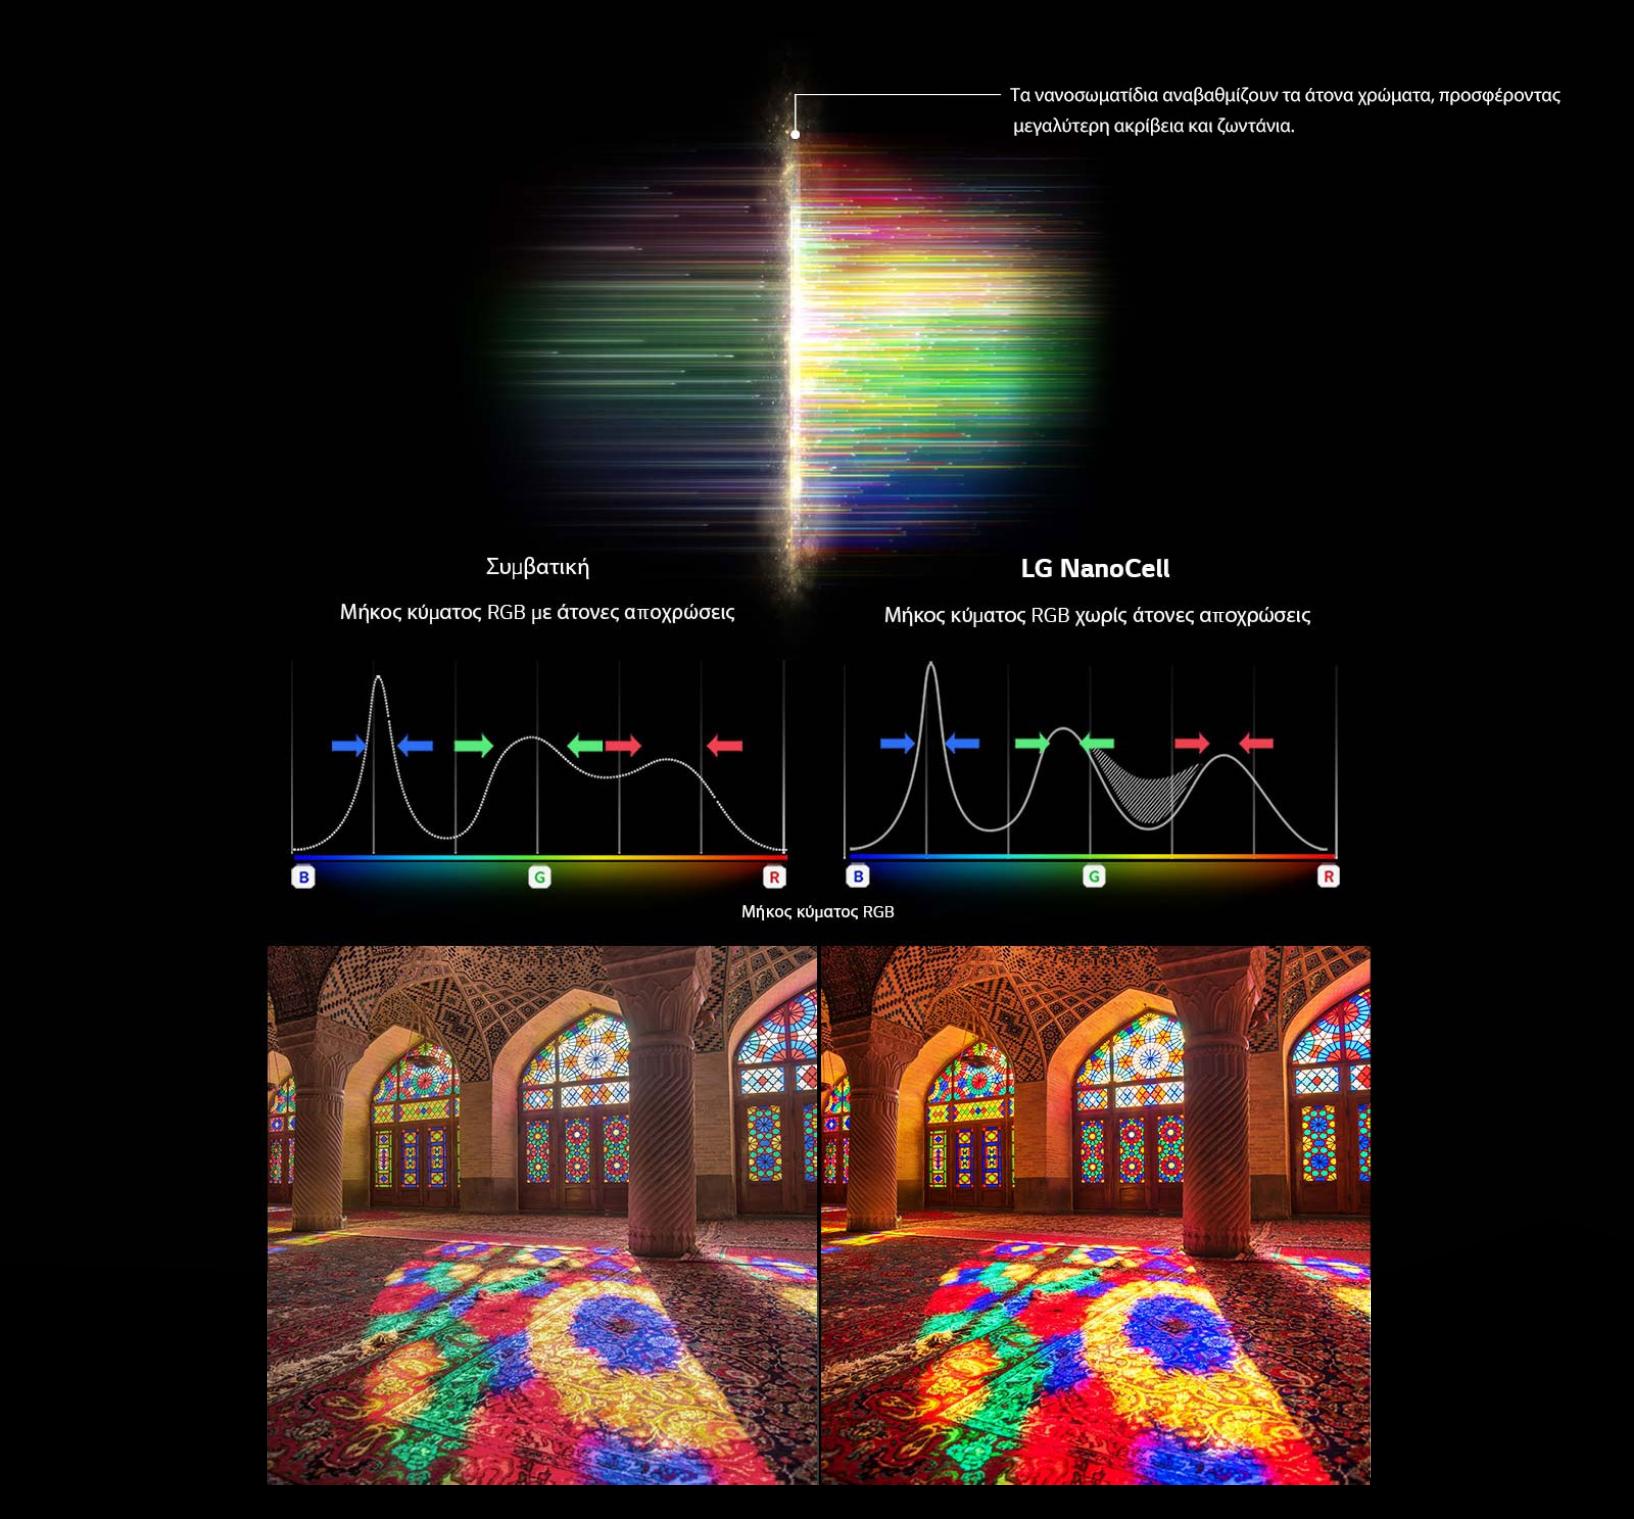 4Κ NanoCell Display